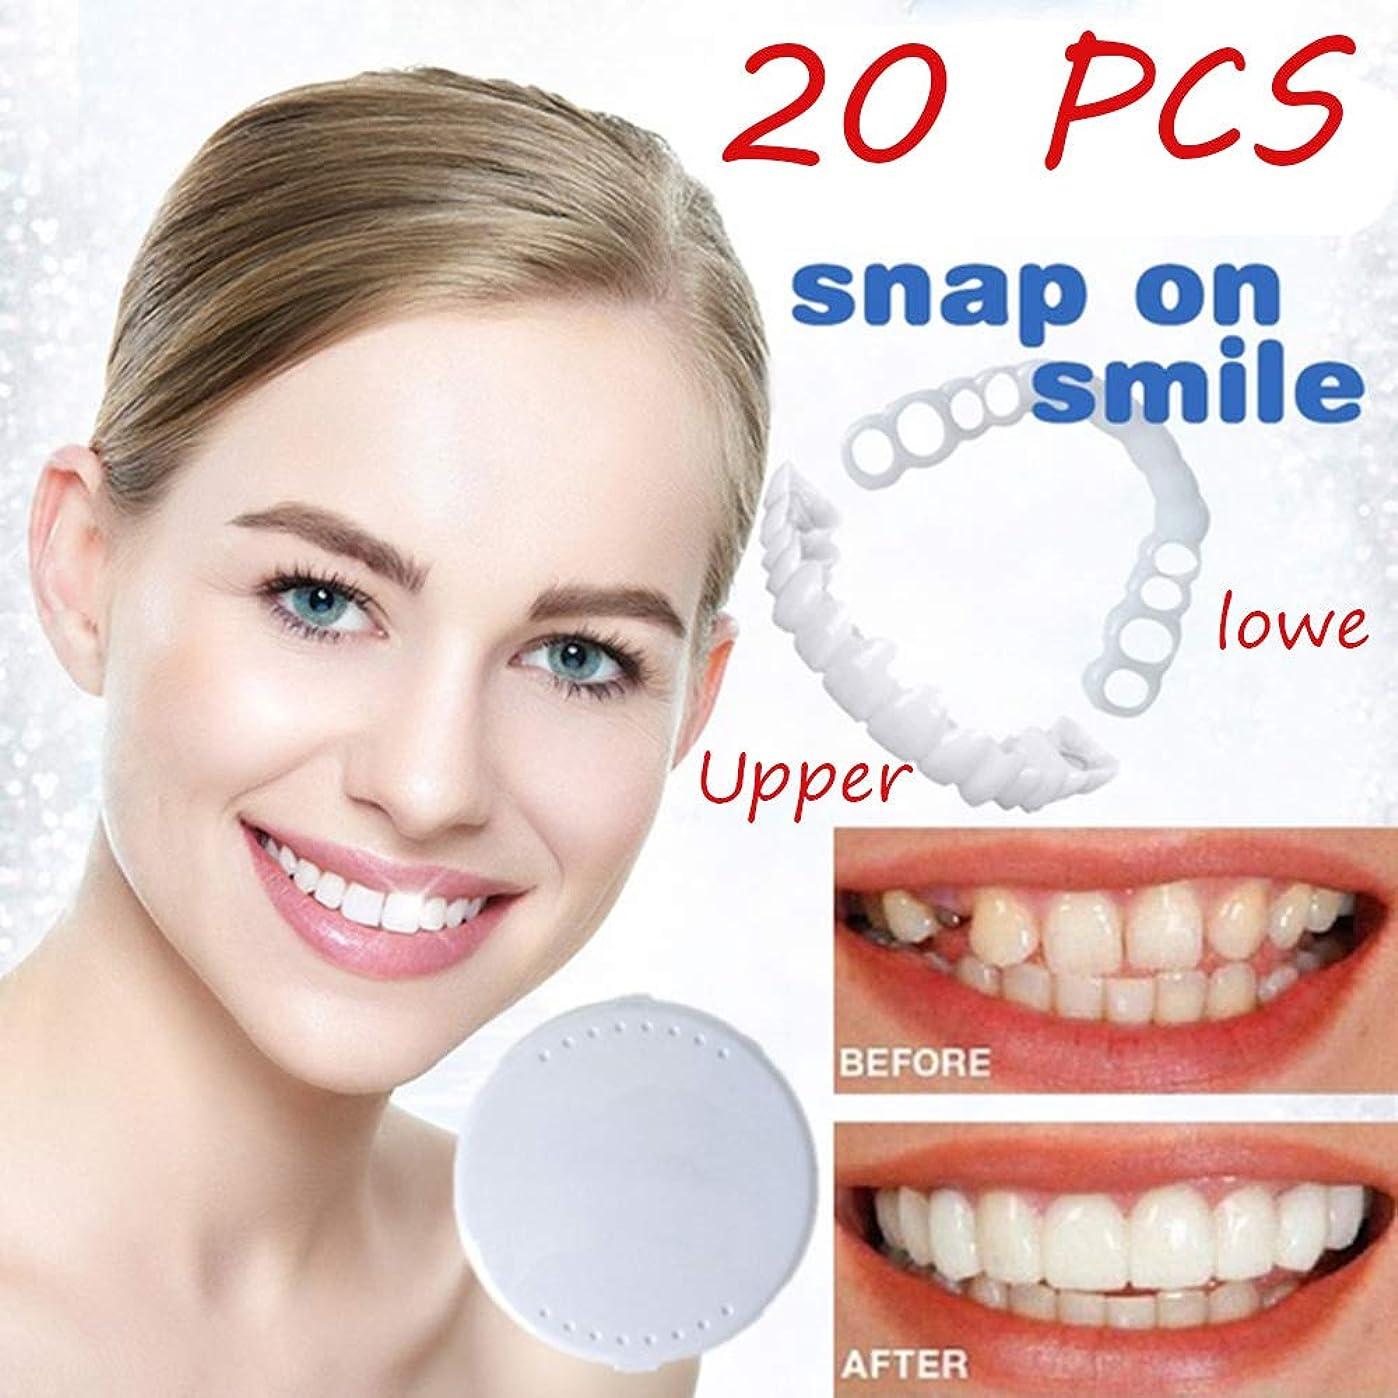 モンゴメリーシプリープレート20 PCSホワイトニング義歯一時的な義歯笑顔快適な化粧品化粧品歯義歯ケアほとんどの人に適したワンサイズ(上下)